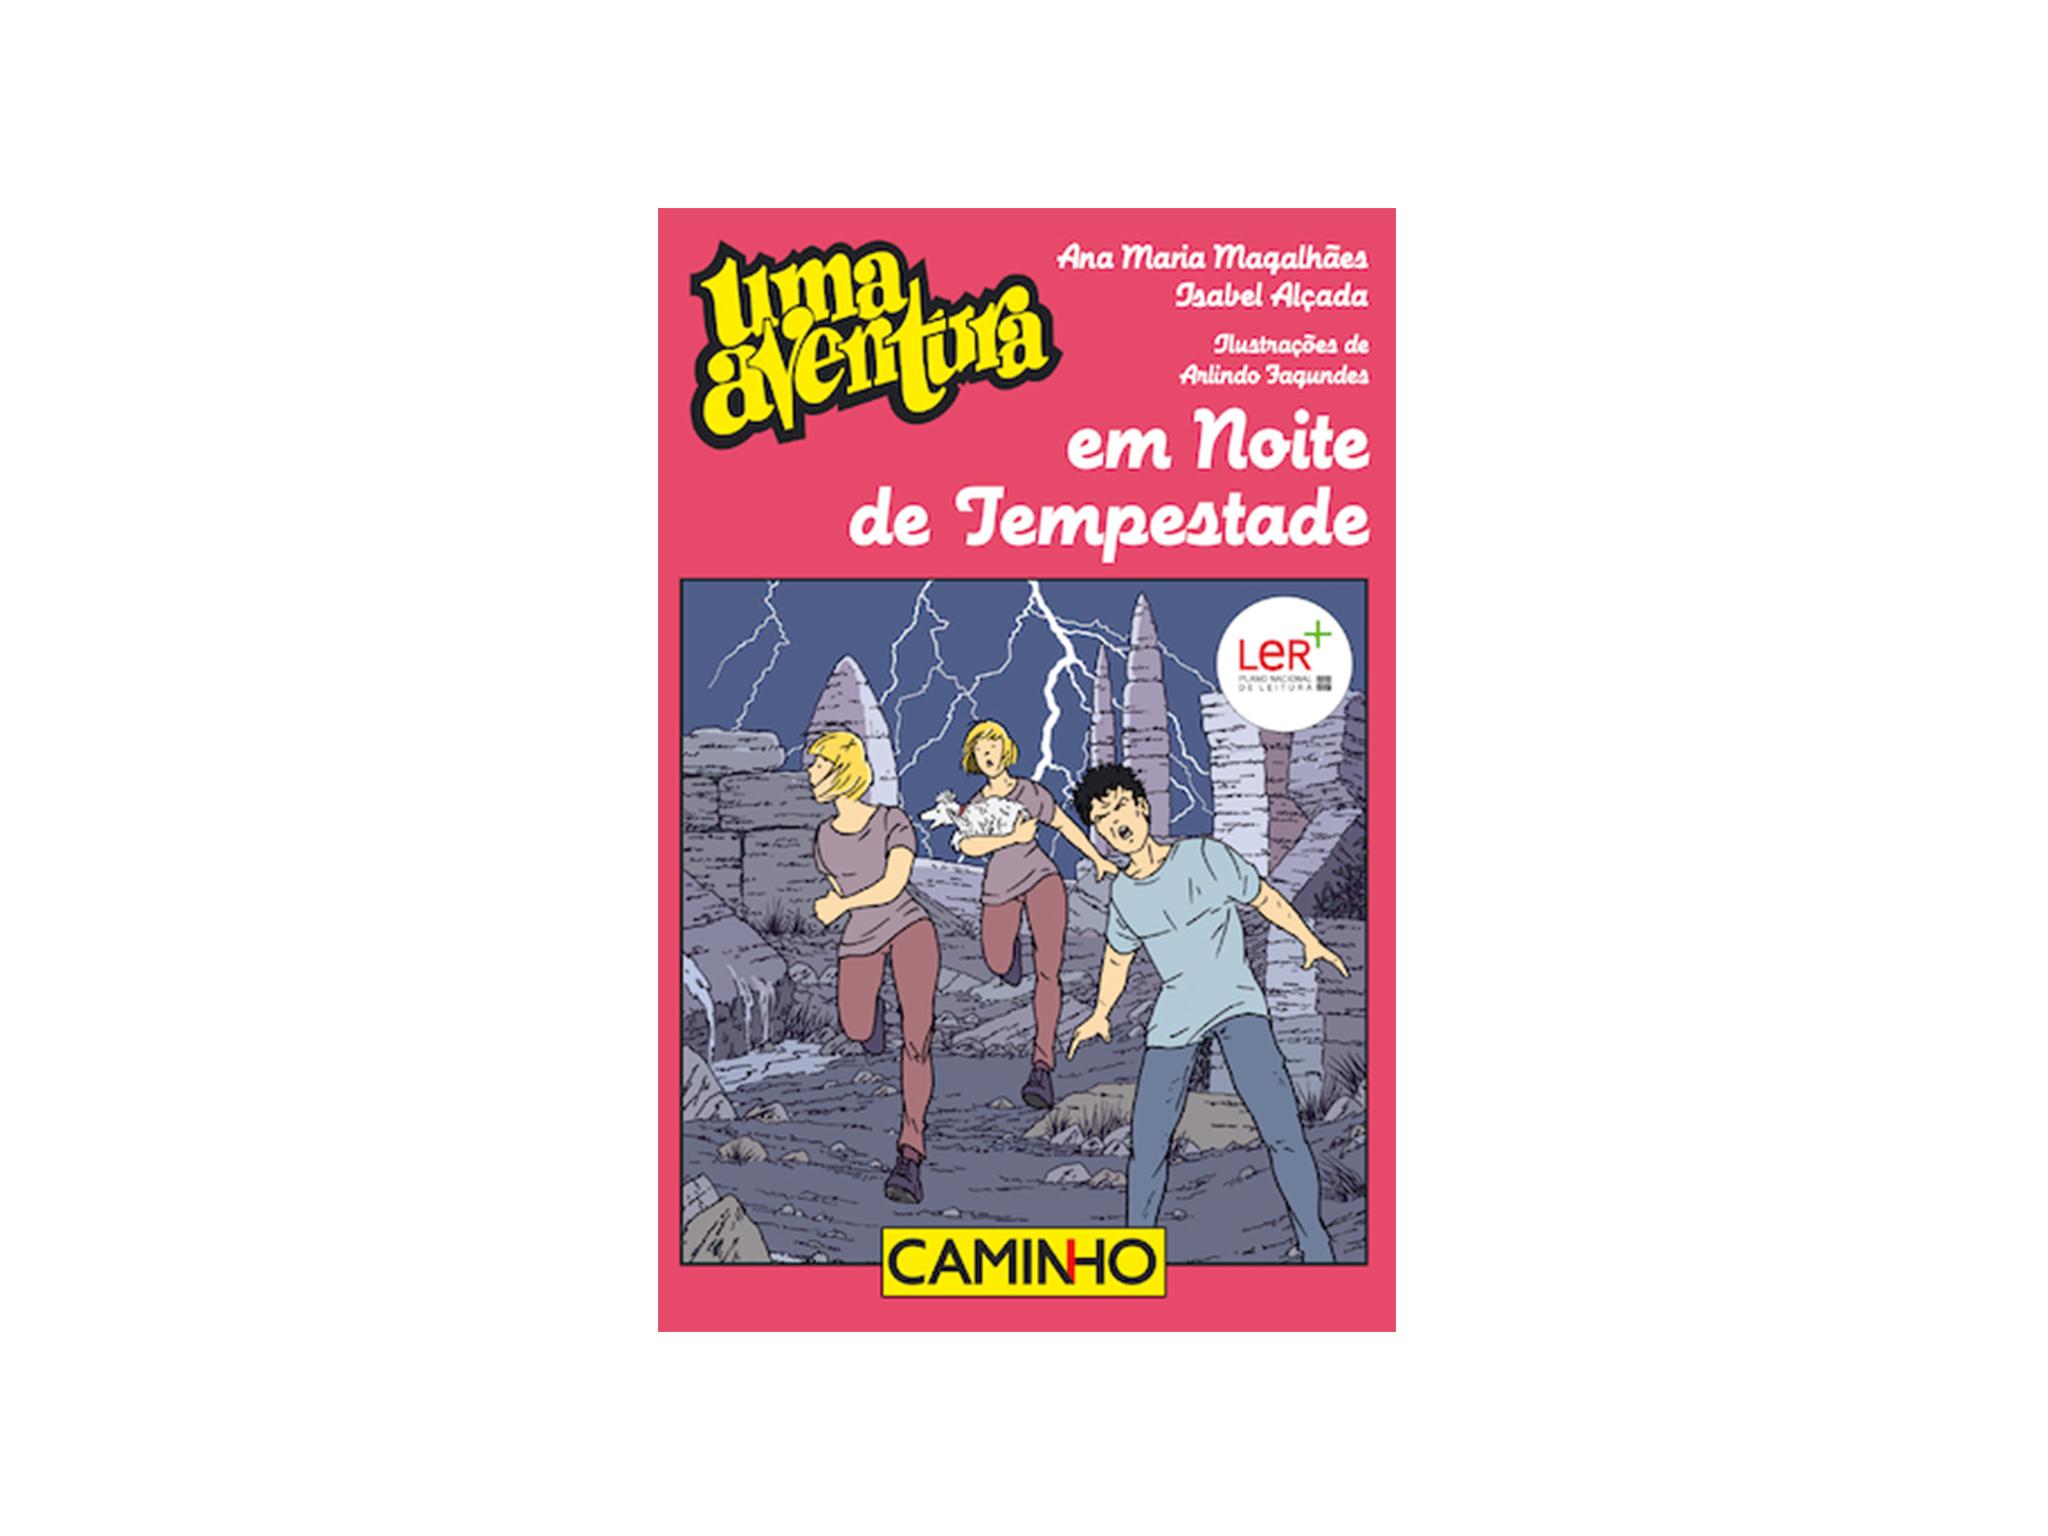 Livro, Uma Aventura em Noite de Tempestade, Ana Maria Magalhães e Isabel Alçada